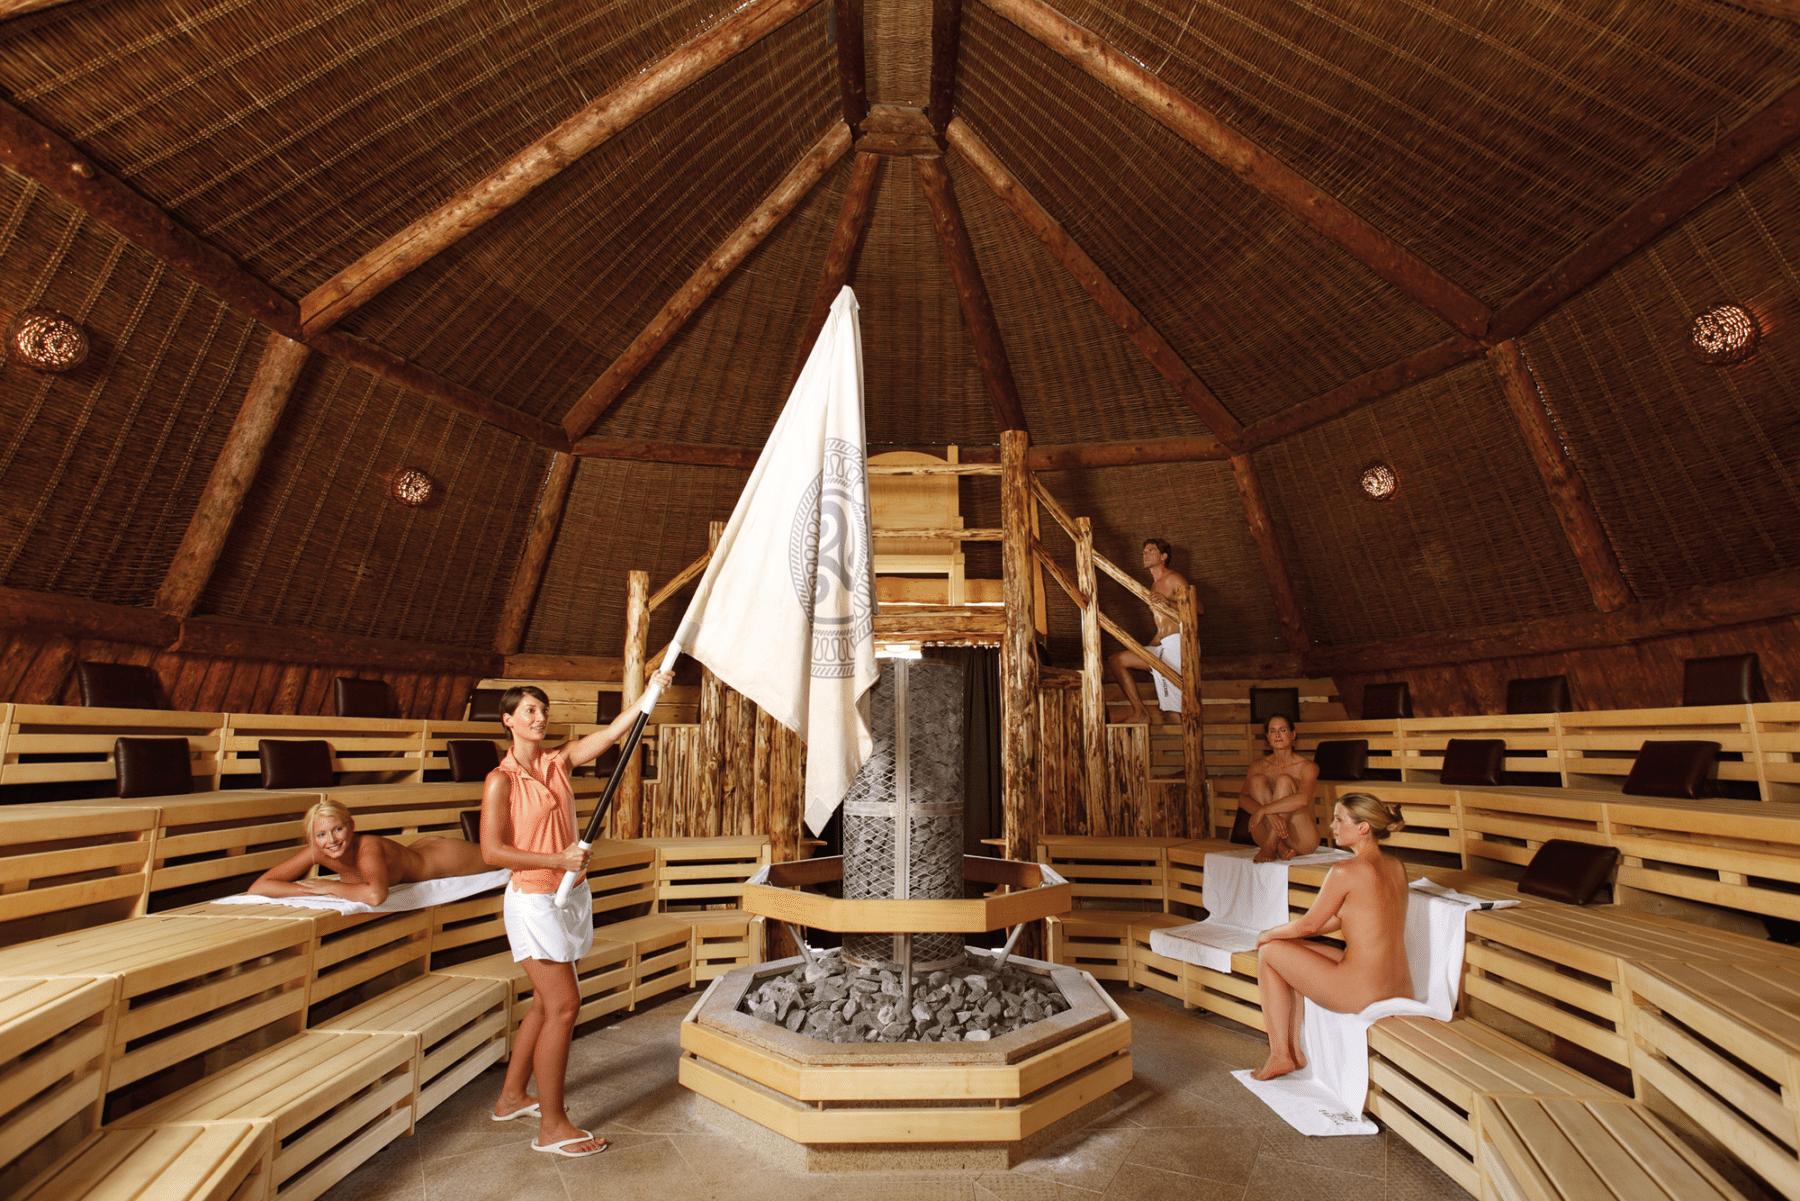 Kelten-Thron-Sauna in der VitalTherme